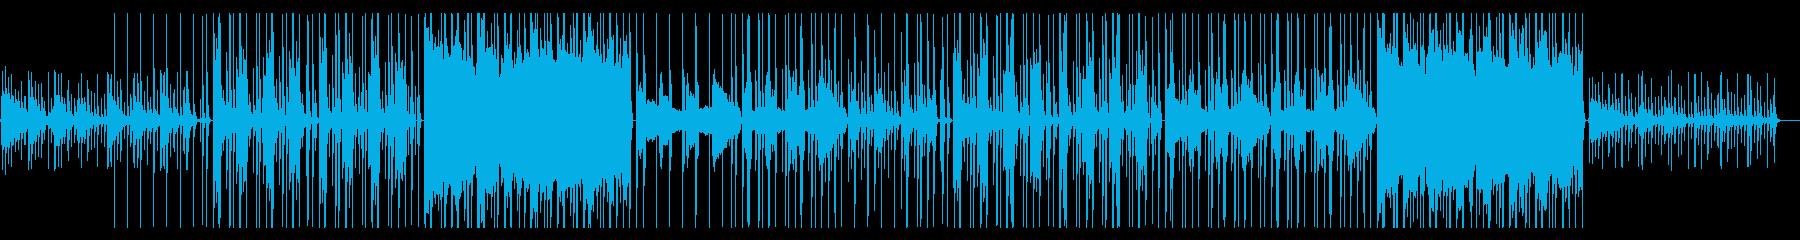 カリンバがメインのオリエンタルビートの再生済みの波形